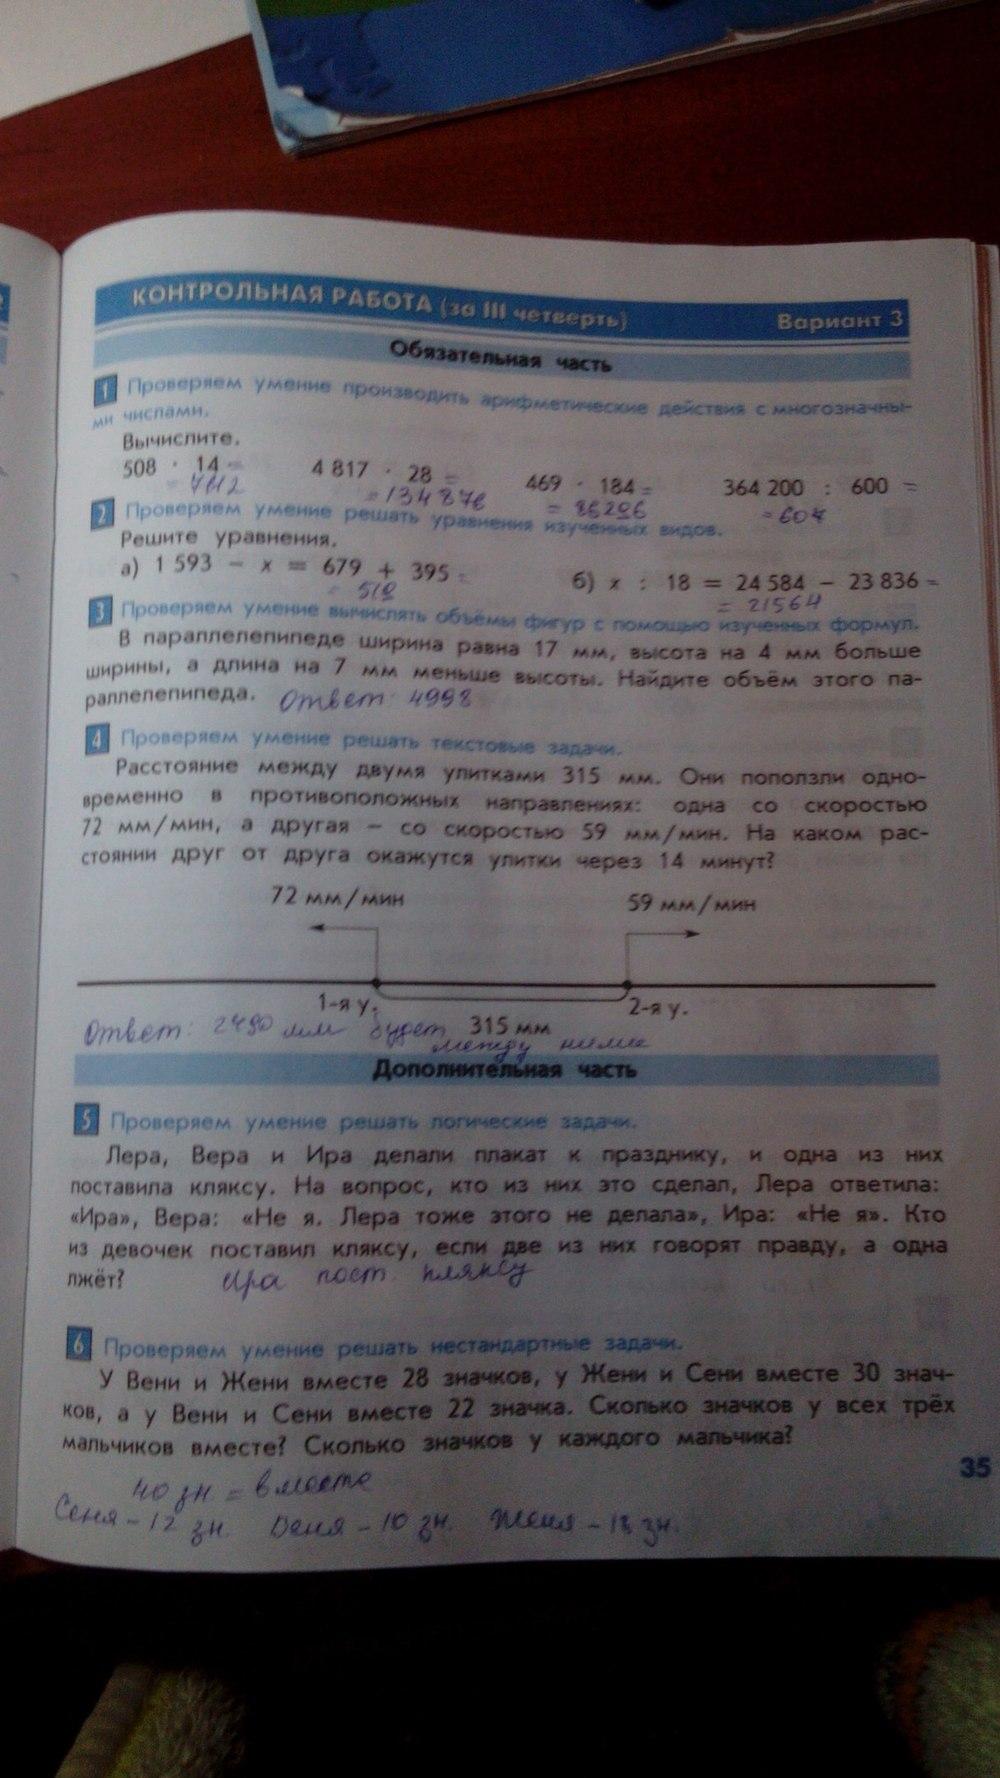 ГДЗ по информатике класс Козлова Рубин тесты и контрольные  2 3 4 5 6 7 8 9 10 11 12 13 14 15 16 17 18 19 20 21 22 23 24 25 26 27 28 29 30 31 32 33 34